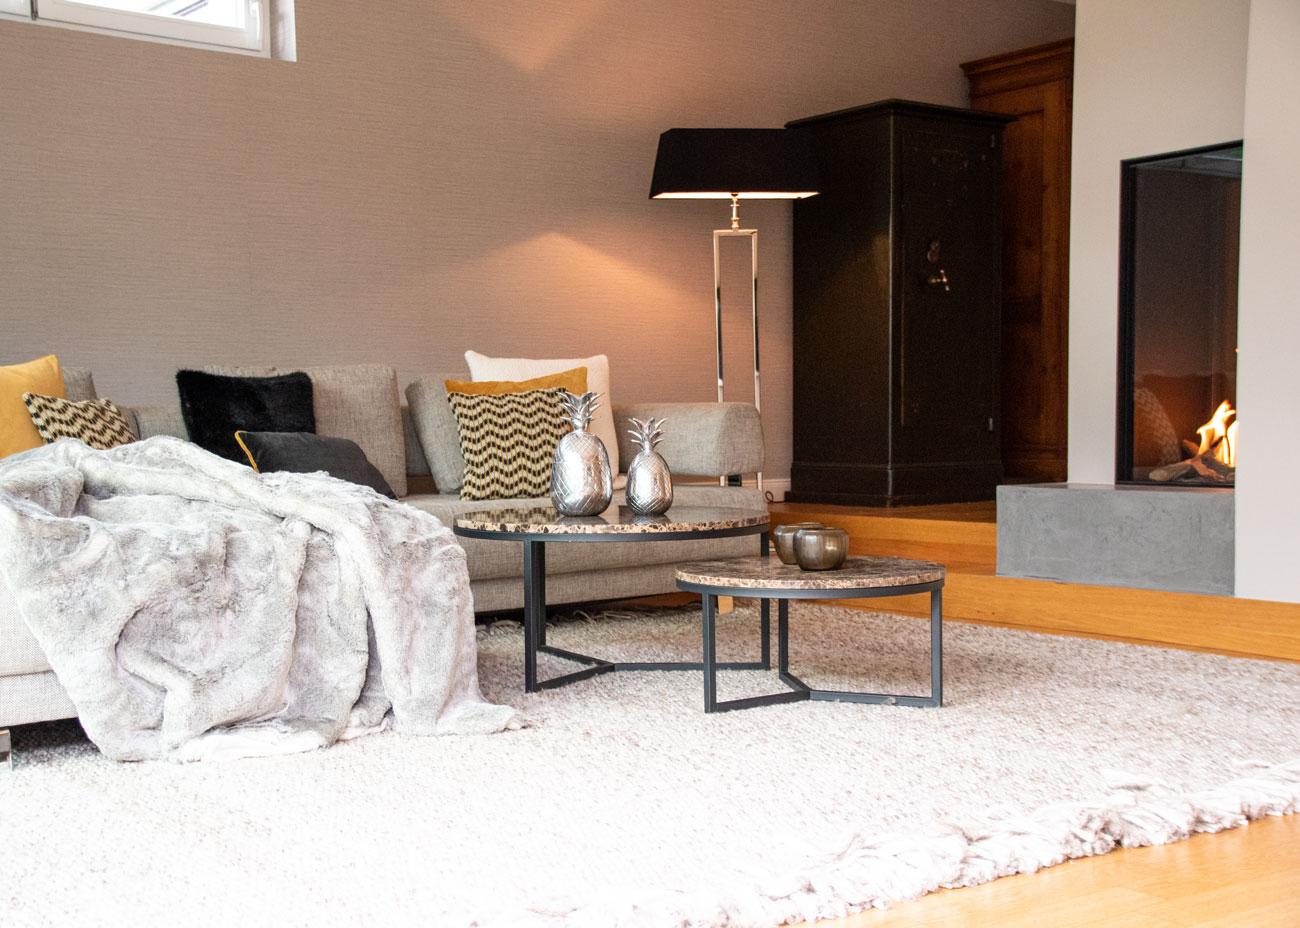 haus renovieren ideen wohnzimmer couch kissen vkamin leuchte teppich taupe